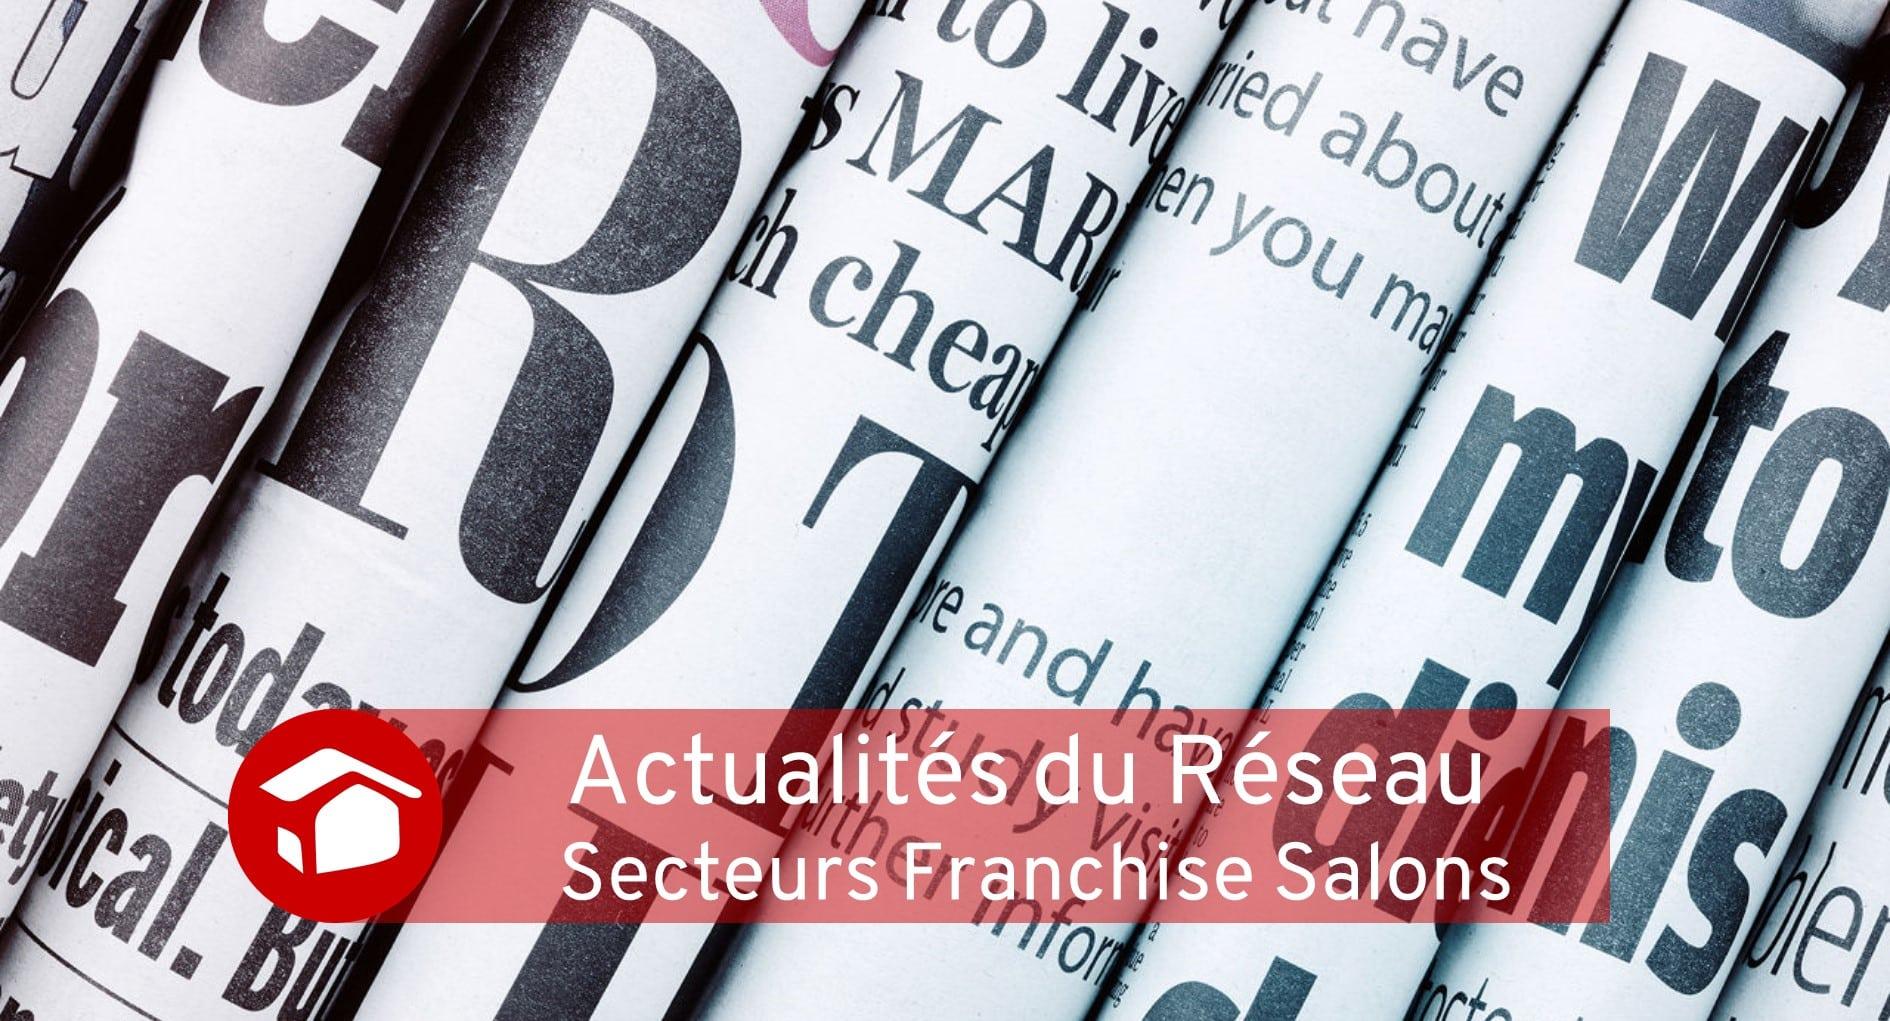 Actualités du réseau Travaux Meilleur Projet Secteurs Franchise Salons